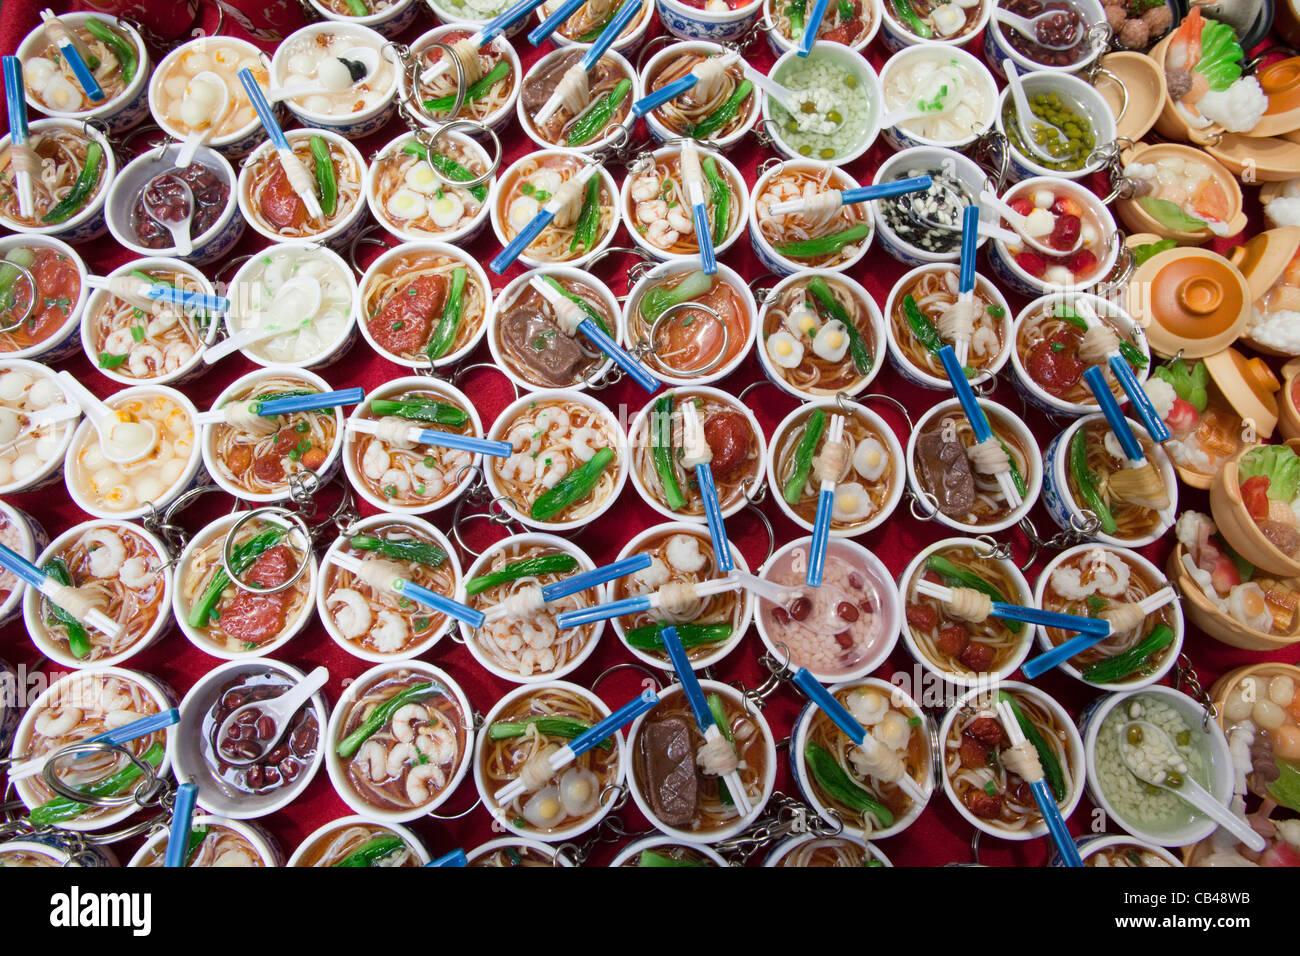 Cina, Hong Kong, il Mercato Stanley, Souvenir Keyring cinese di ciotole di cibo Immagini Stock